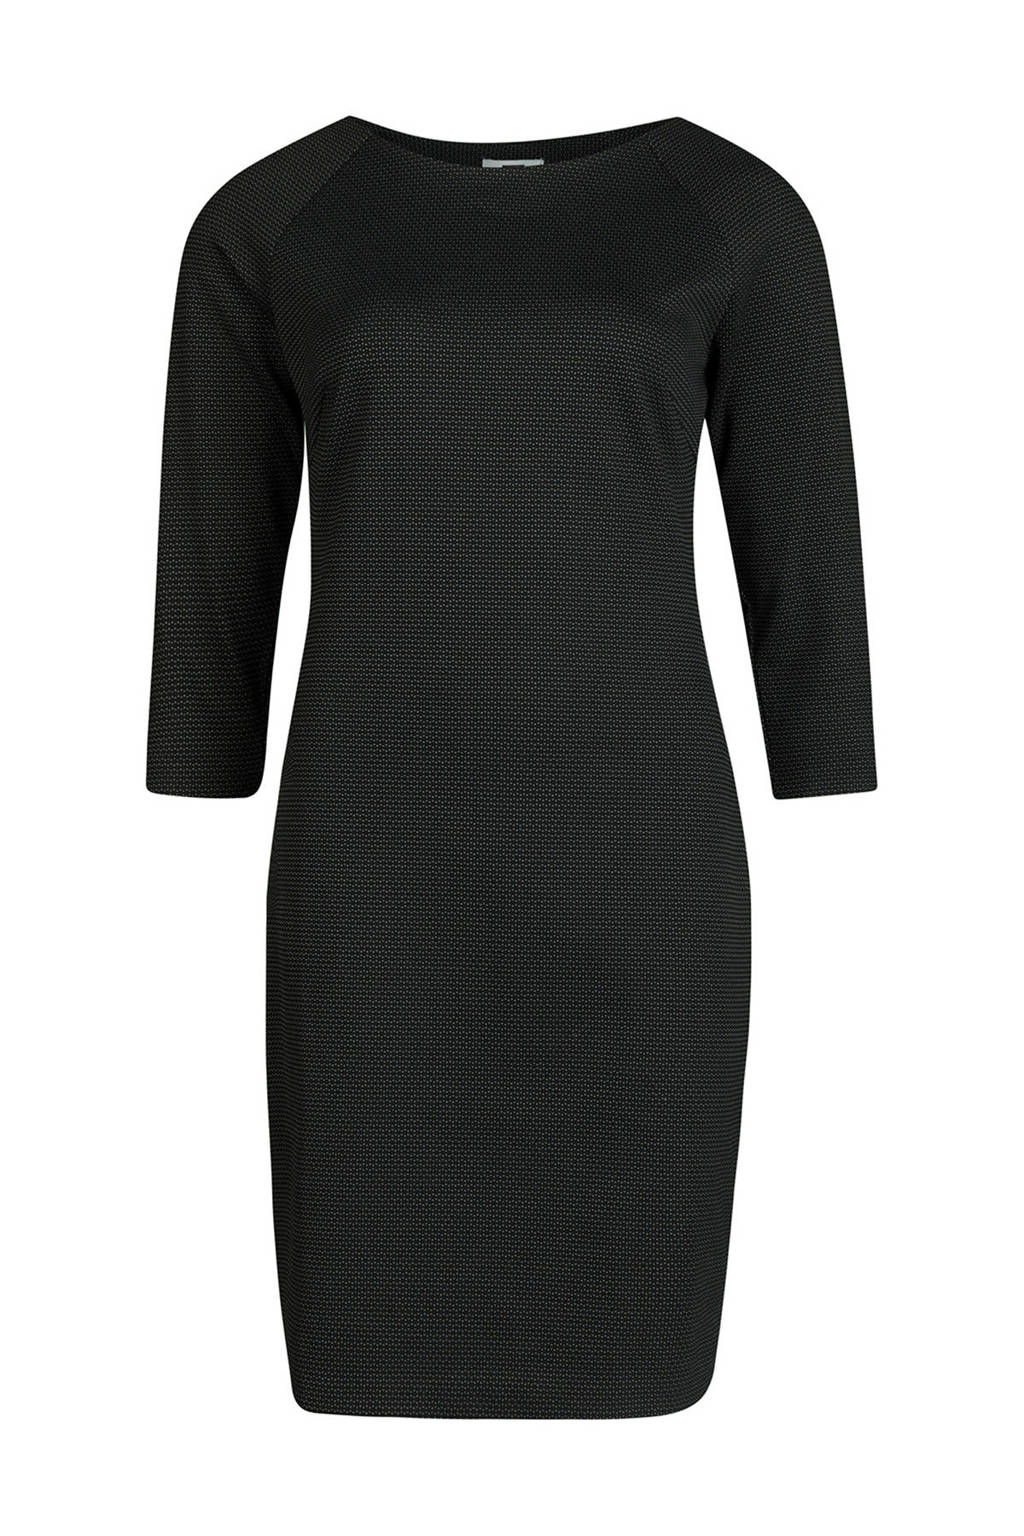 WE Fashion jurk met mini stippen zwart, Zwart